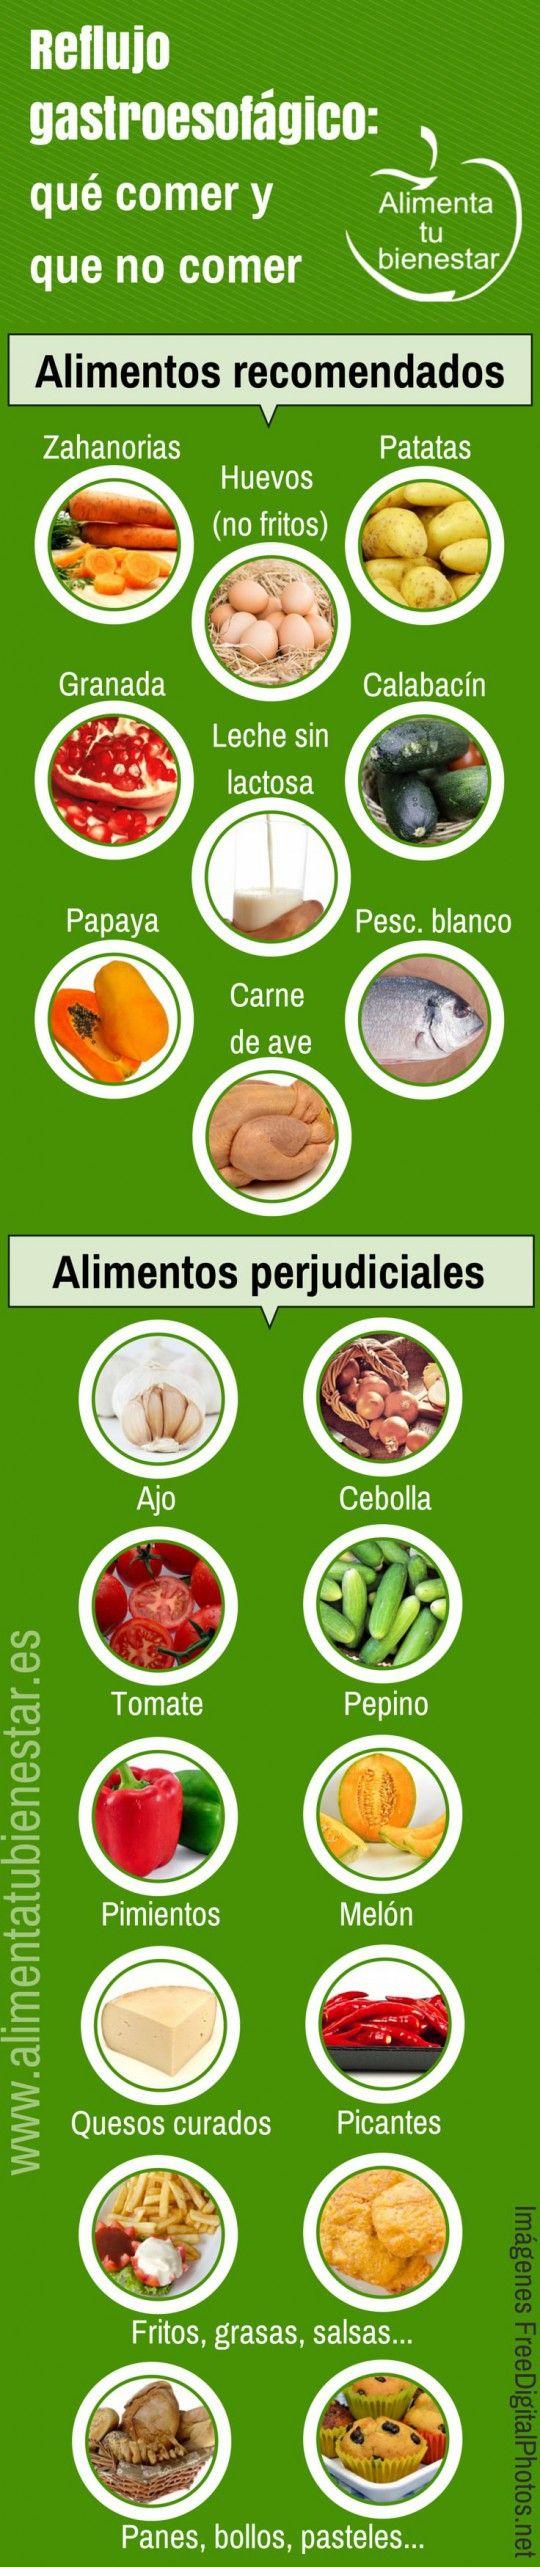 Alimentos Recomendados Y A Eludir Linear Unit El Reflujo Dieta Para Mejorar Reflujo Gastroesofagico